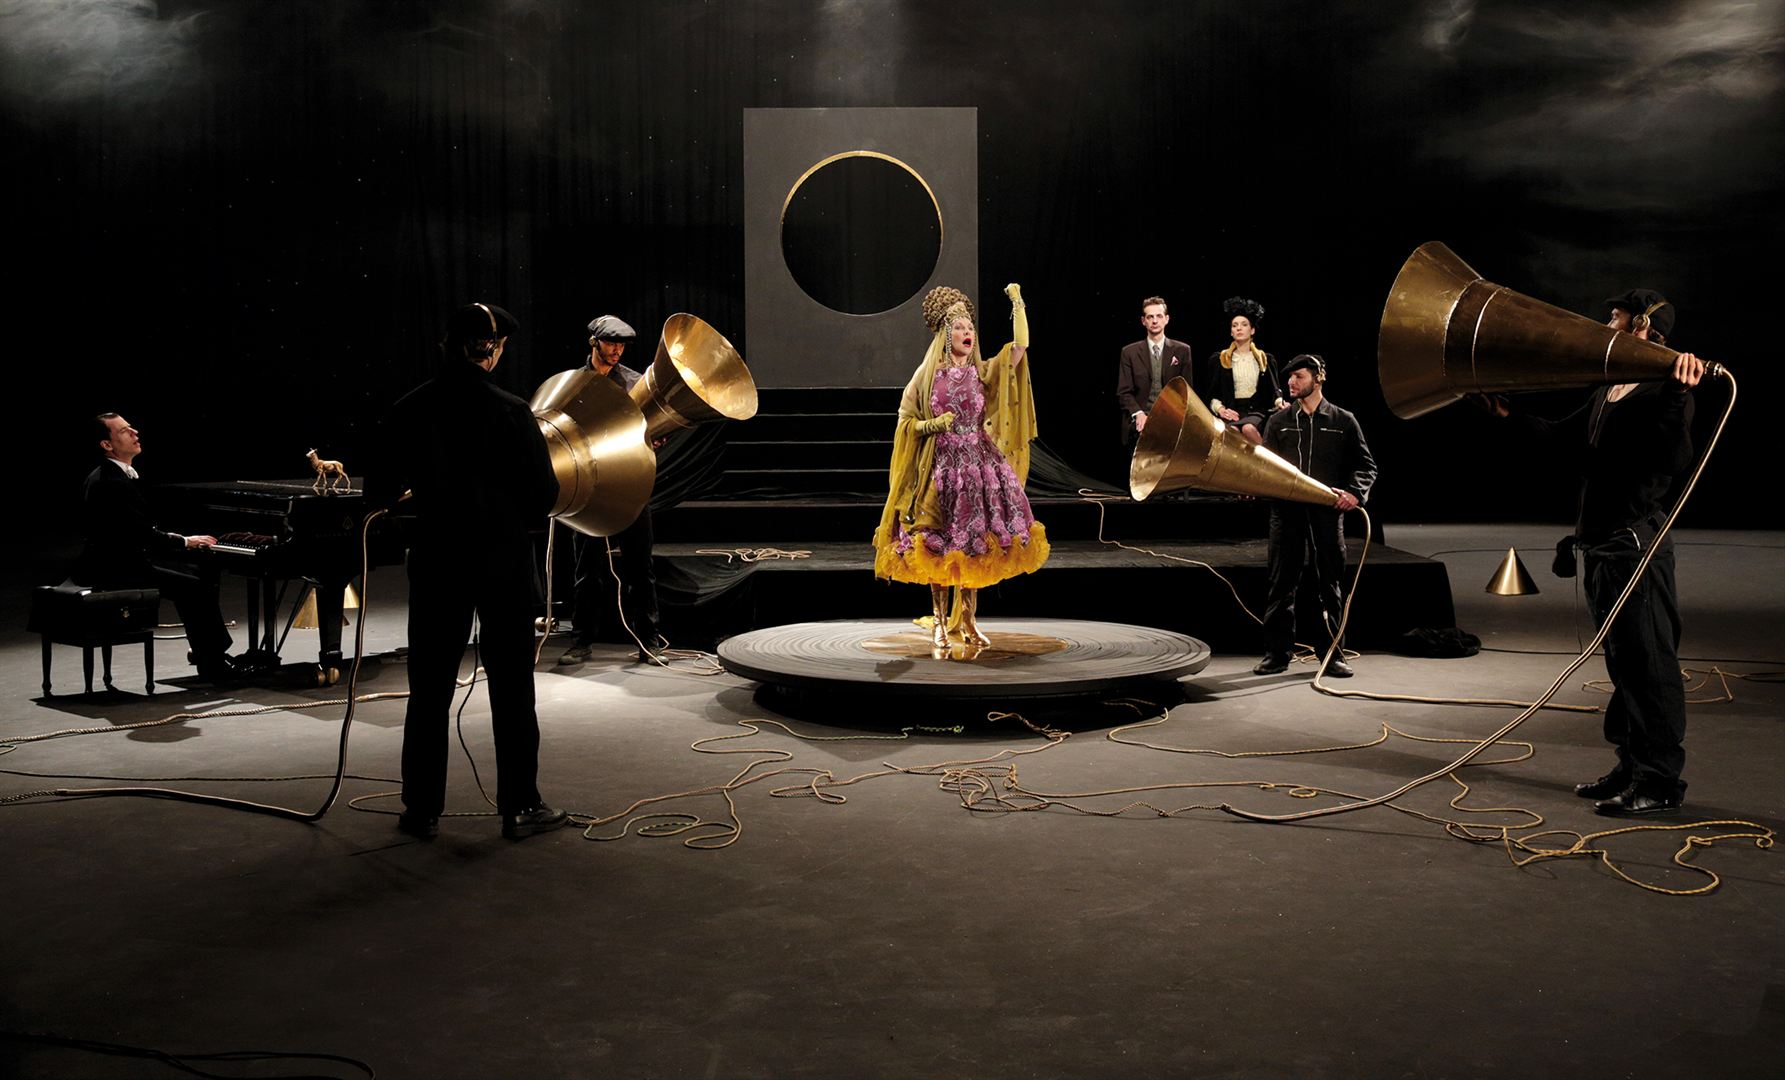 Frau in golden pinkem Kleid steht auf Podest und singt. Drumherum stehen Menschen in Anzügen und halten große, goldene Trichter in ihre Richtung.